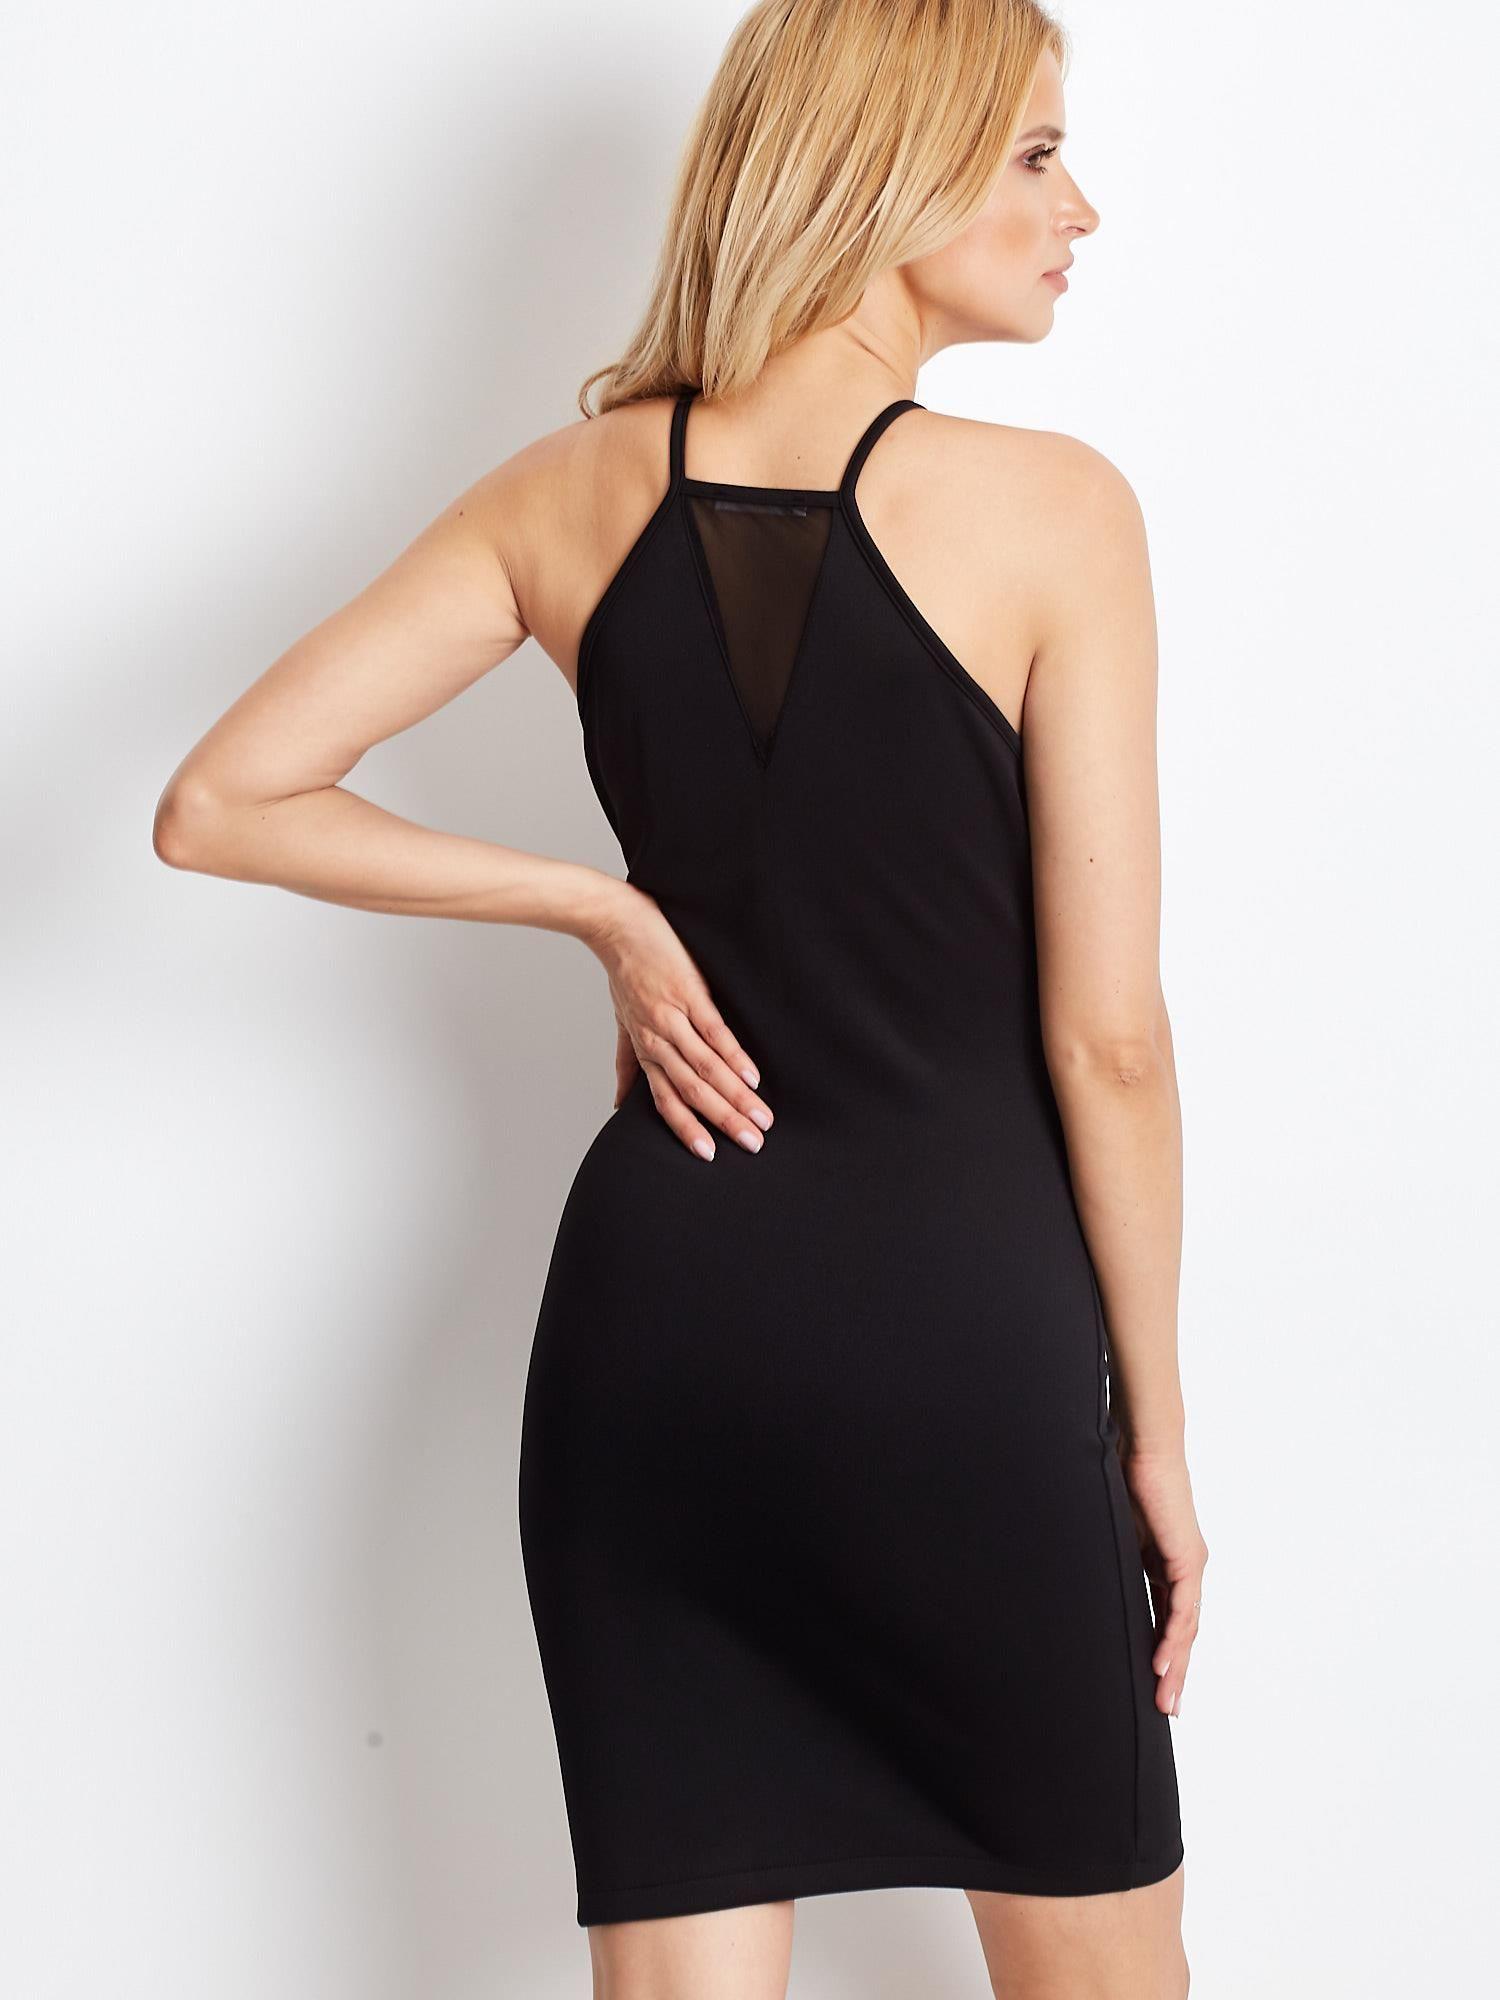 62f008317a Czarna sukienka z dekoltem halter i siateczkowymi wstawkami - Sukienka  koktajlowa - sklep eButik.pl